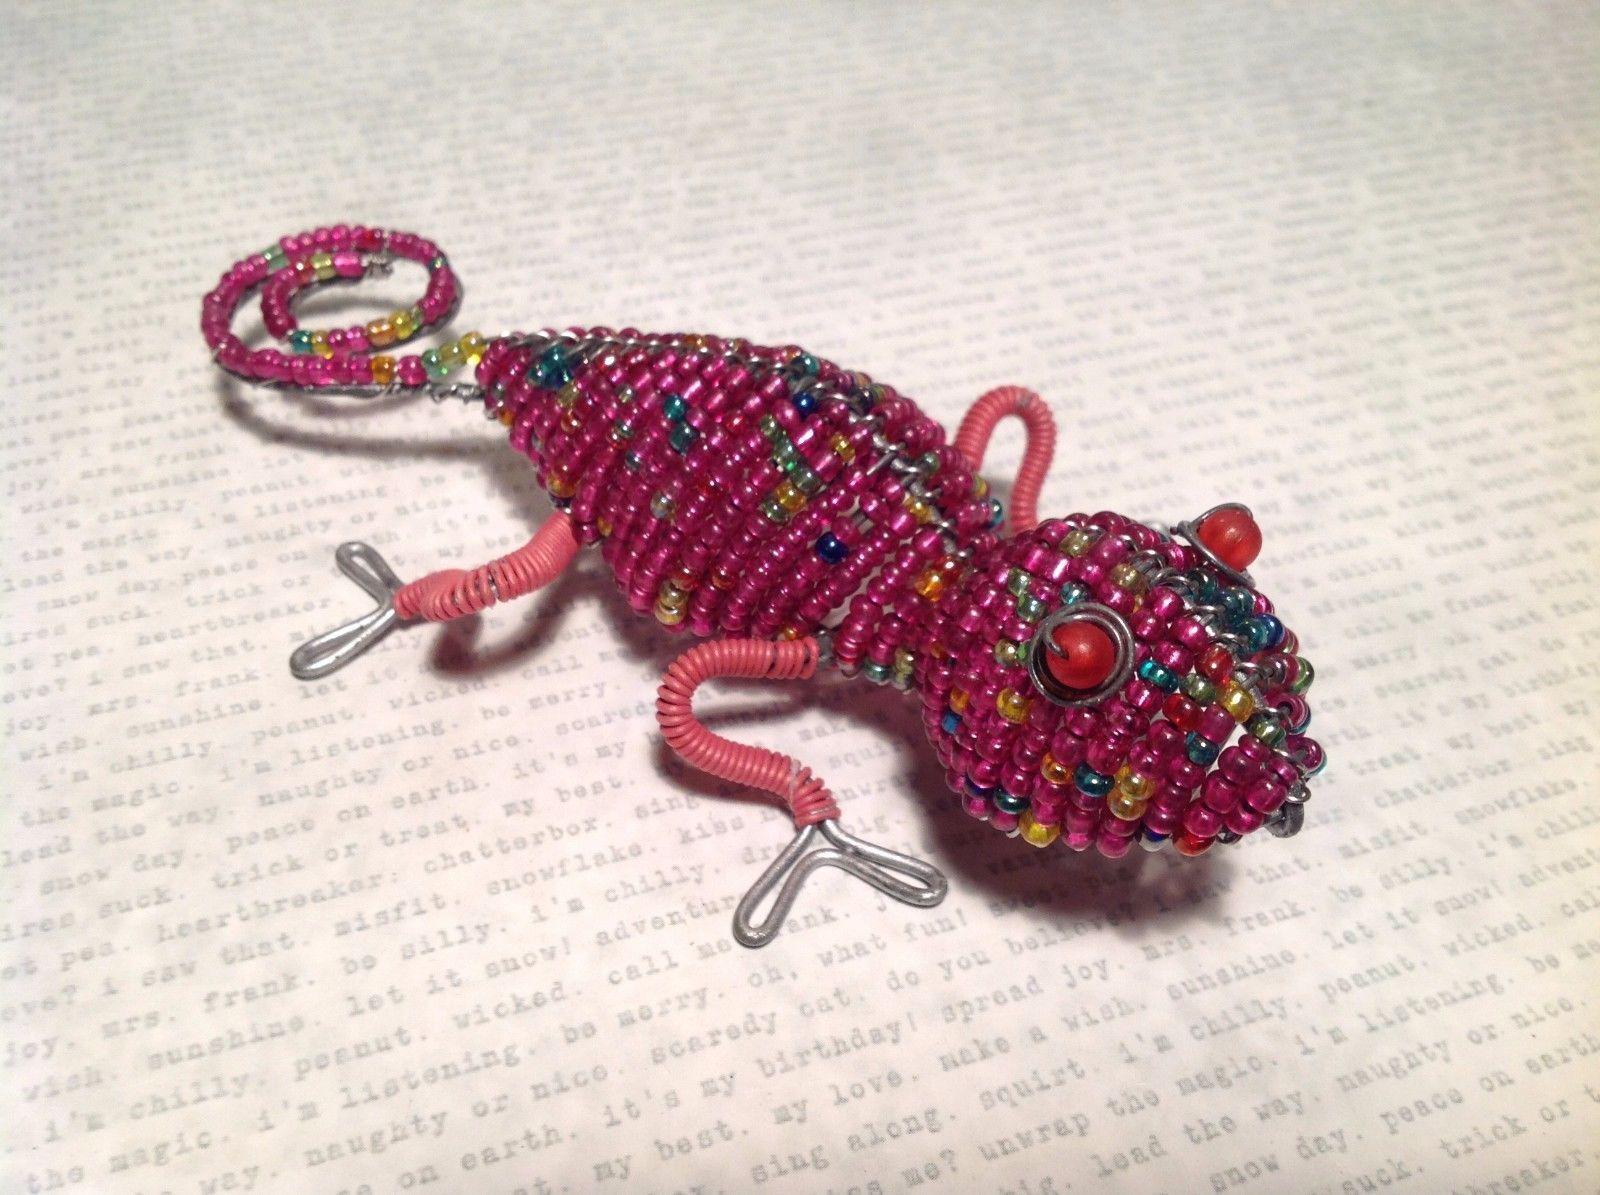 Pink Beadwork Gecko Iguana Wired Sculpture